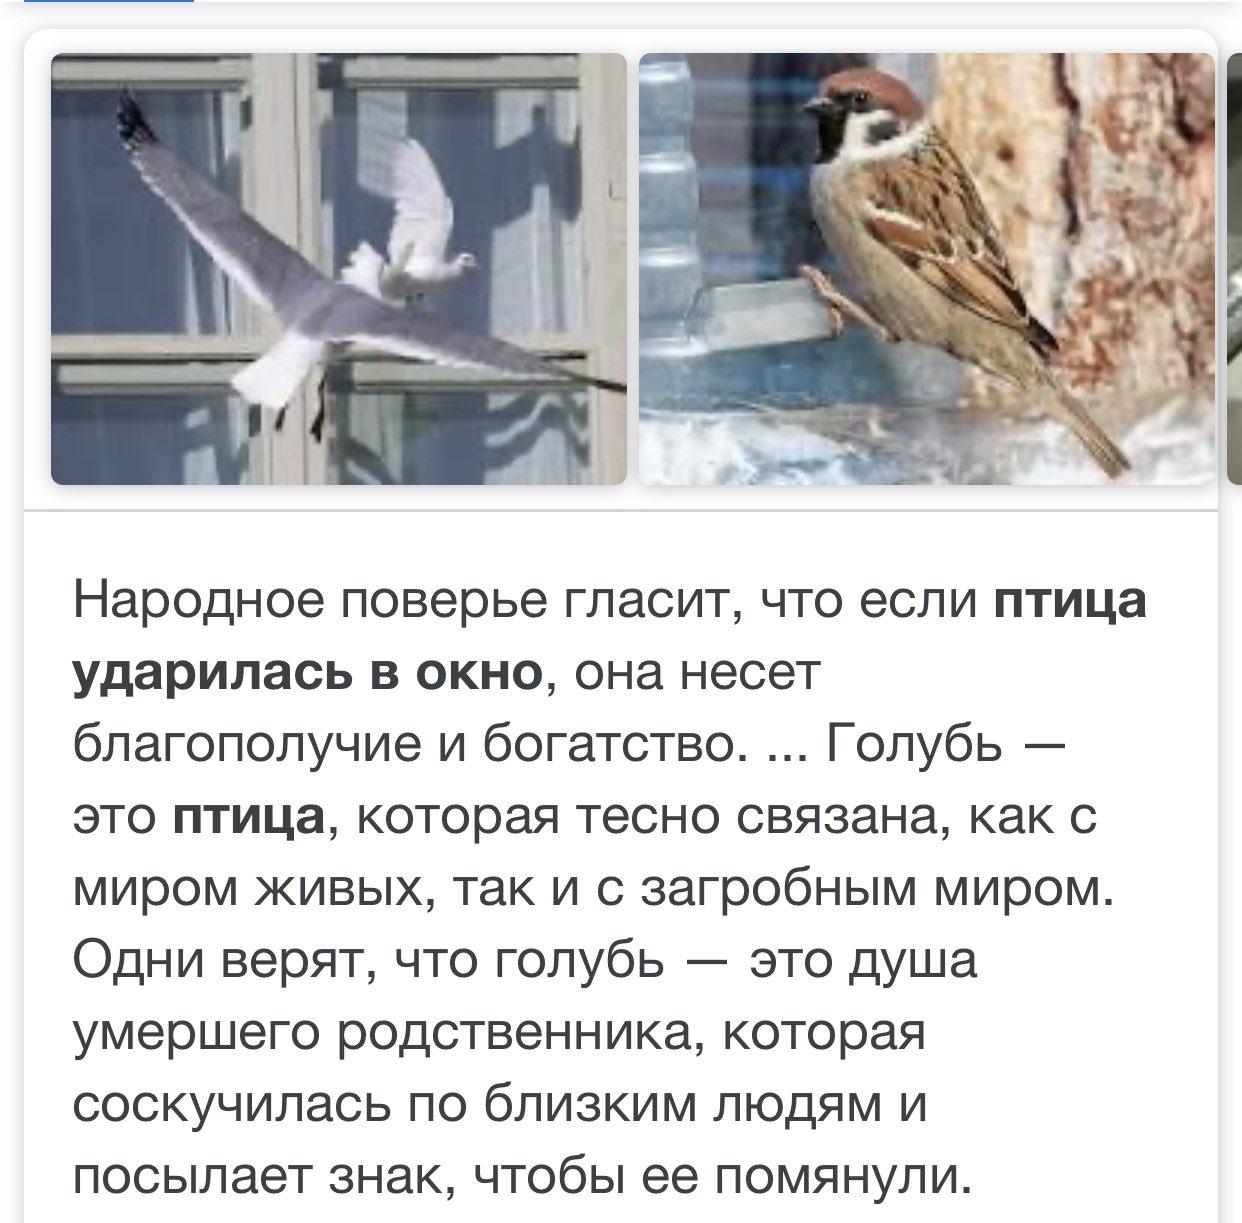 Примета: воробей ударился в окно и улетел, врезался в стекло и разбился – к чему это